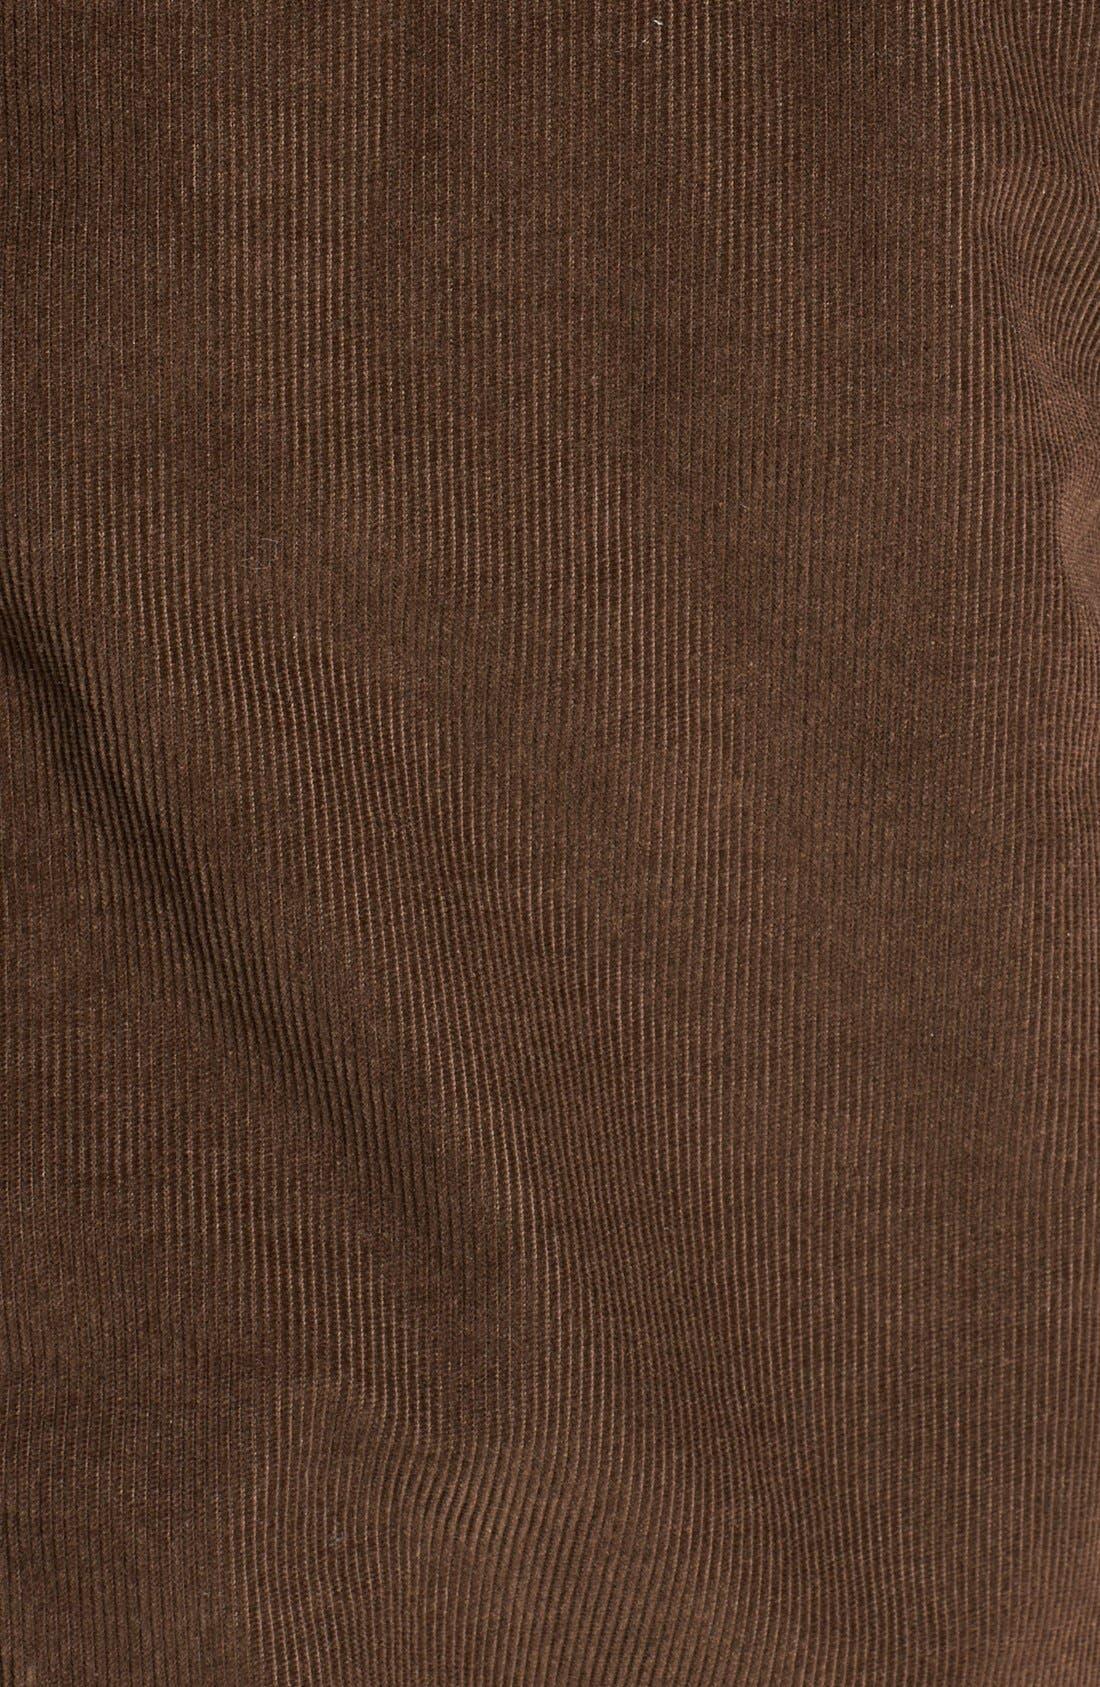 Alternate Image 3  - Vans 'Carlsbad' Corduroy Jacket